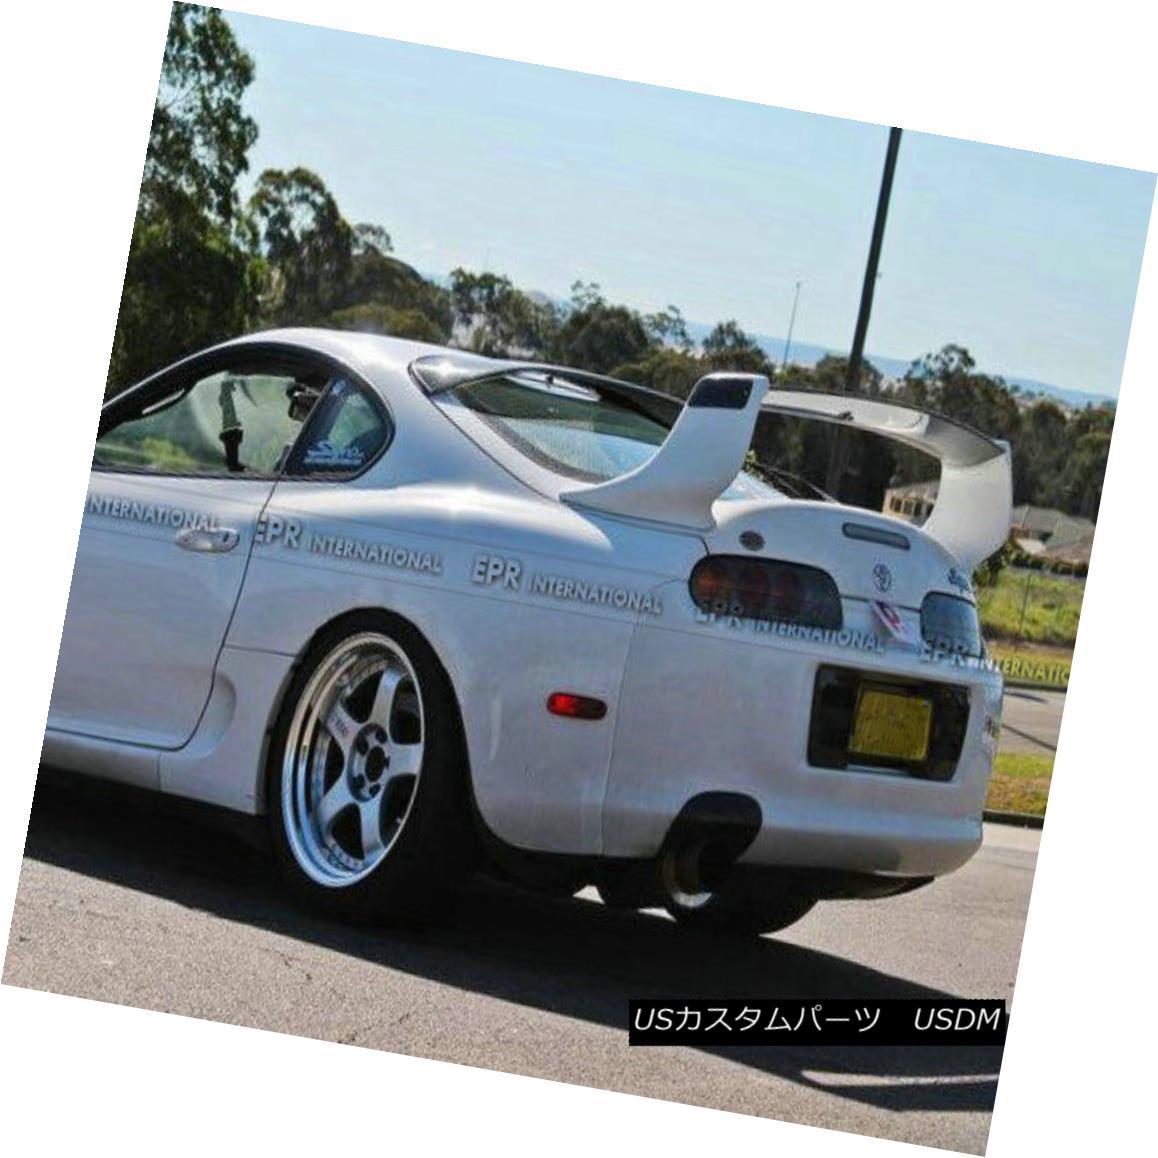 エアロパーツ ABC Rear Trunk Spoiler Wing Lip For Toyota MK4 Supra TRD1 Style Carbon Fiber トヨタMK4スーパーTRD1スタイルカーボンファイバー用ABCリアトランクスポイラーウイングリップ